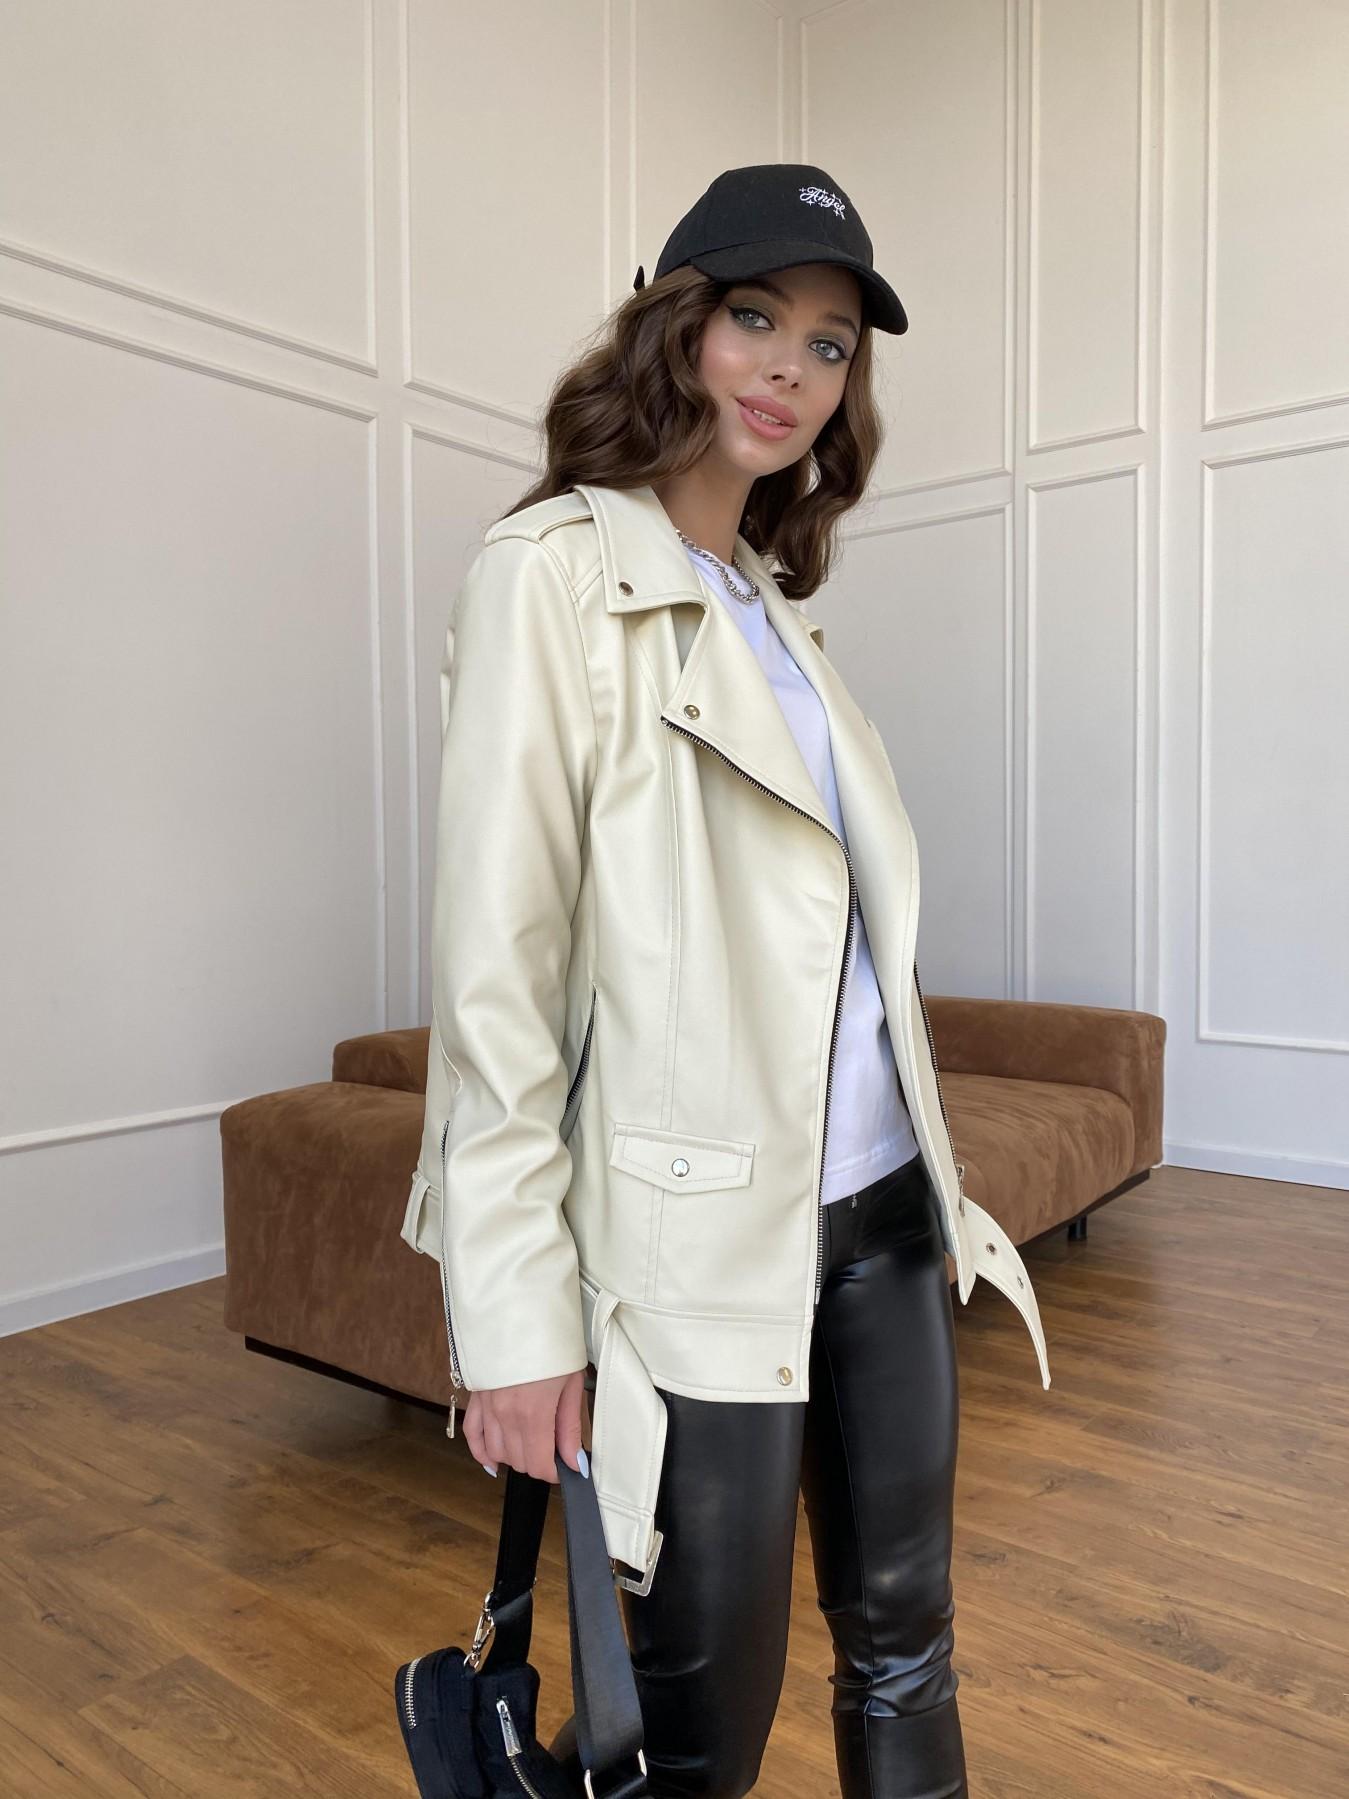 Босс куртка из экокожи прокатанной  11173 АРТ. 47771 Цвет: Бежевый Светлый - фото 3, интернет магазин tm-modus.ru